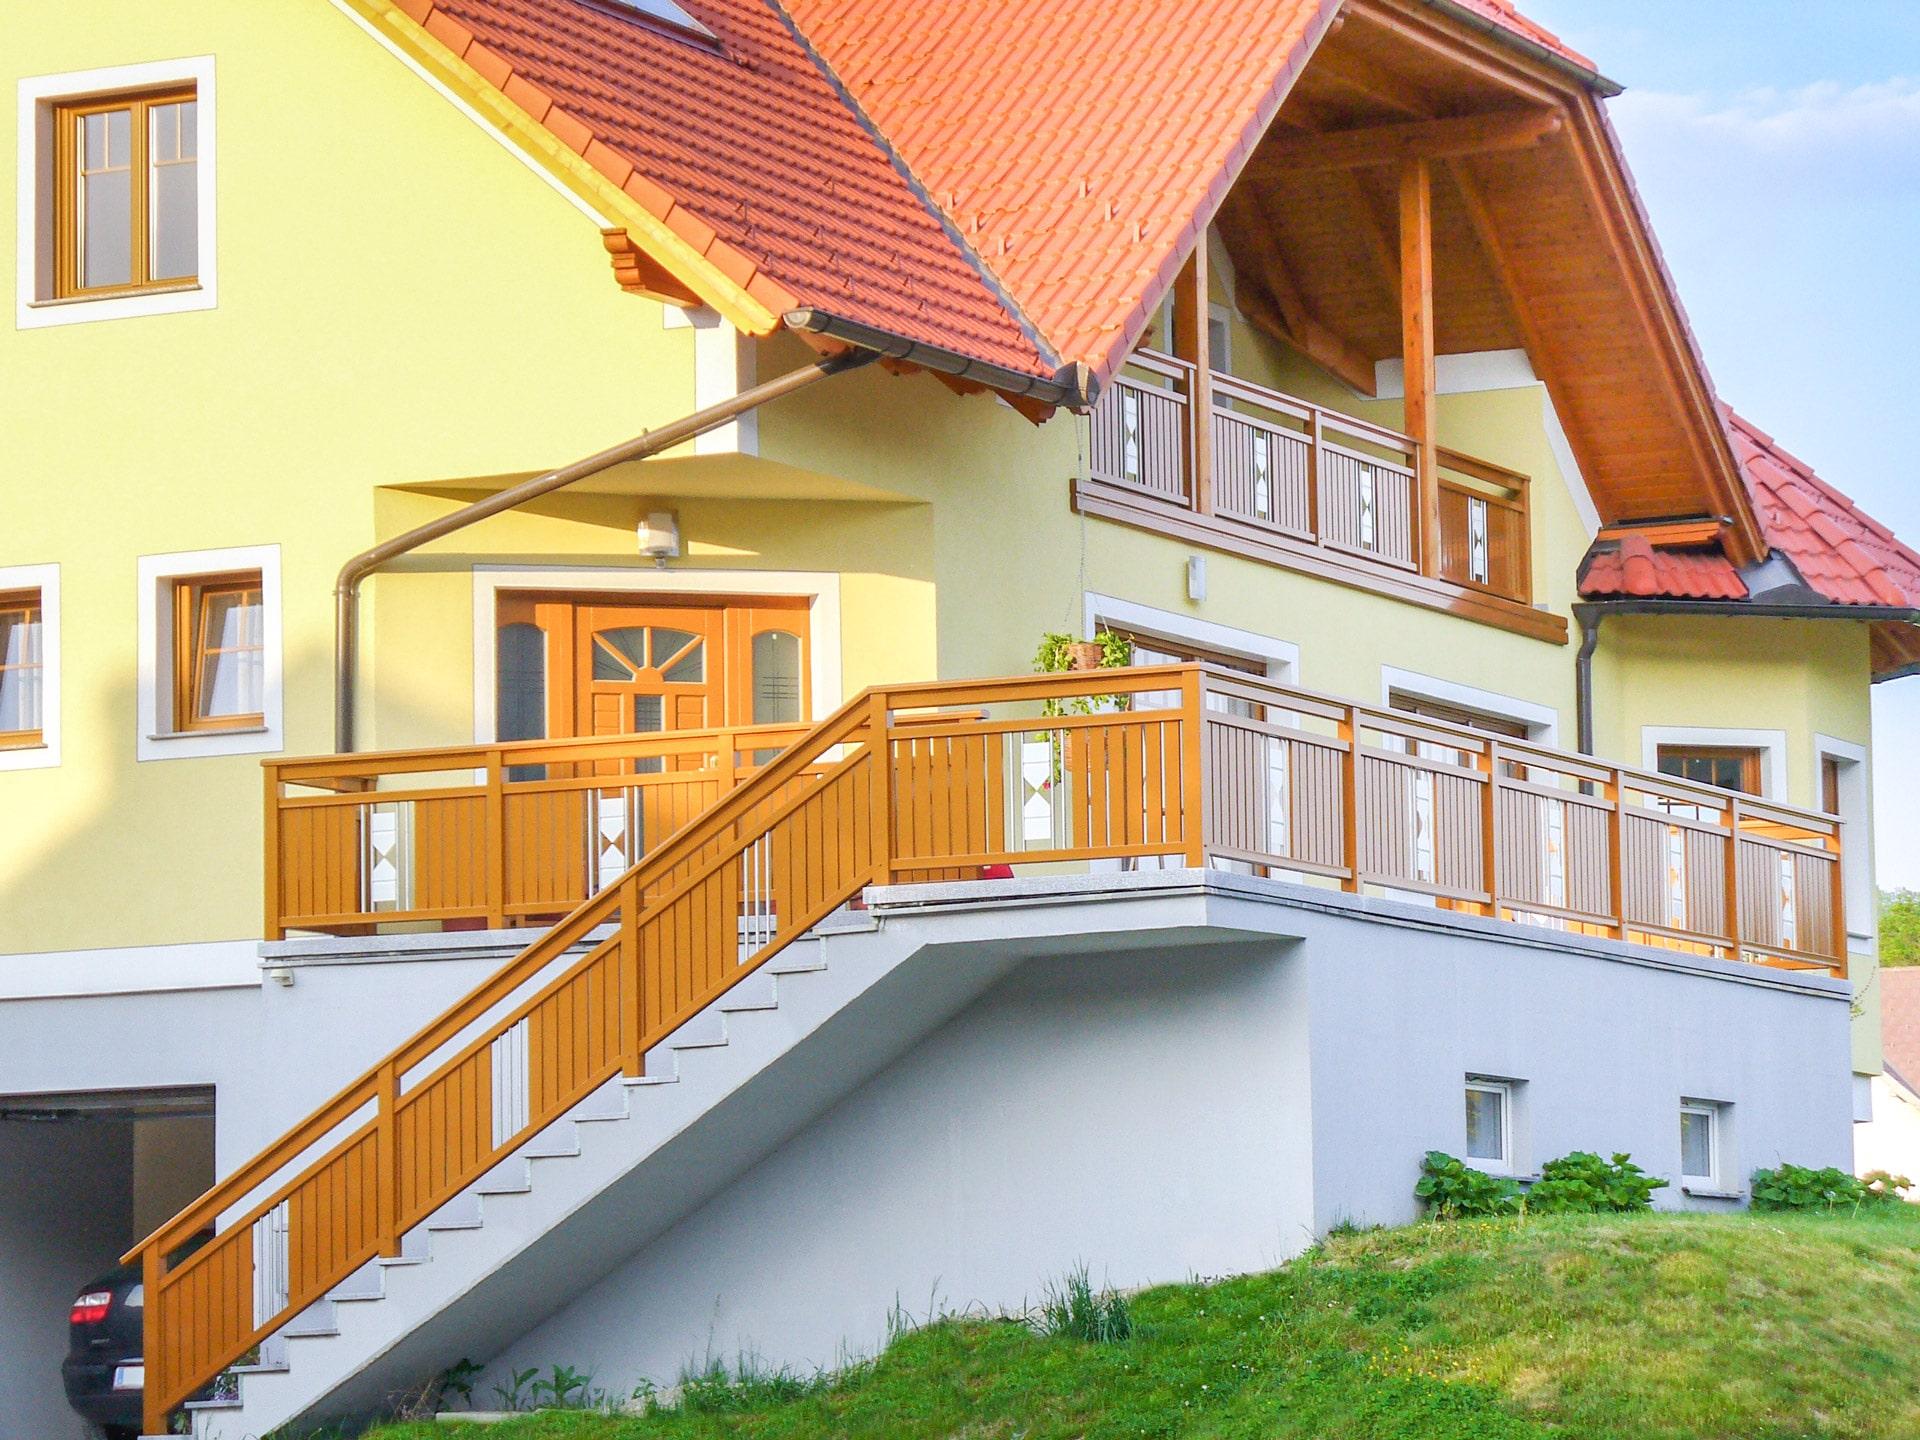 Sankt Pölten 06 a | Alugeländer bei Stiege, Terrasse und Balkon hellbraun mit Sanduhr dekor grau | Svoboda